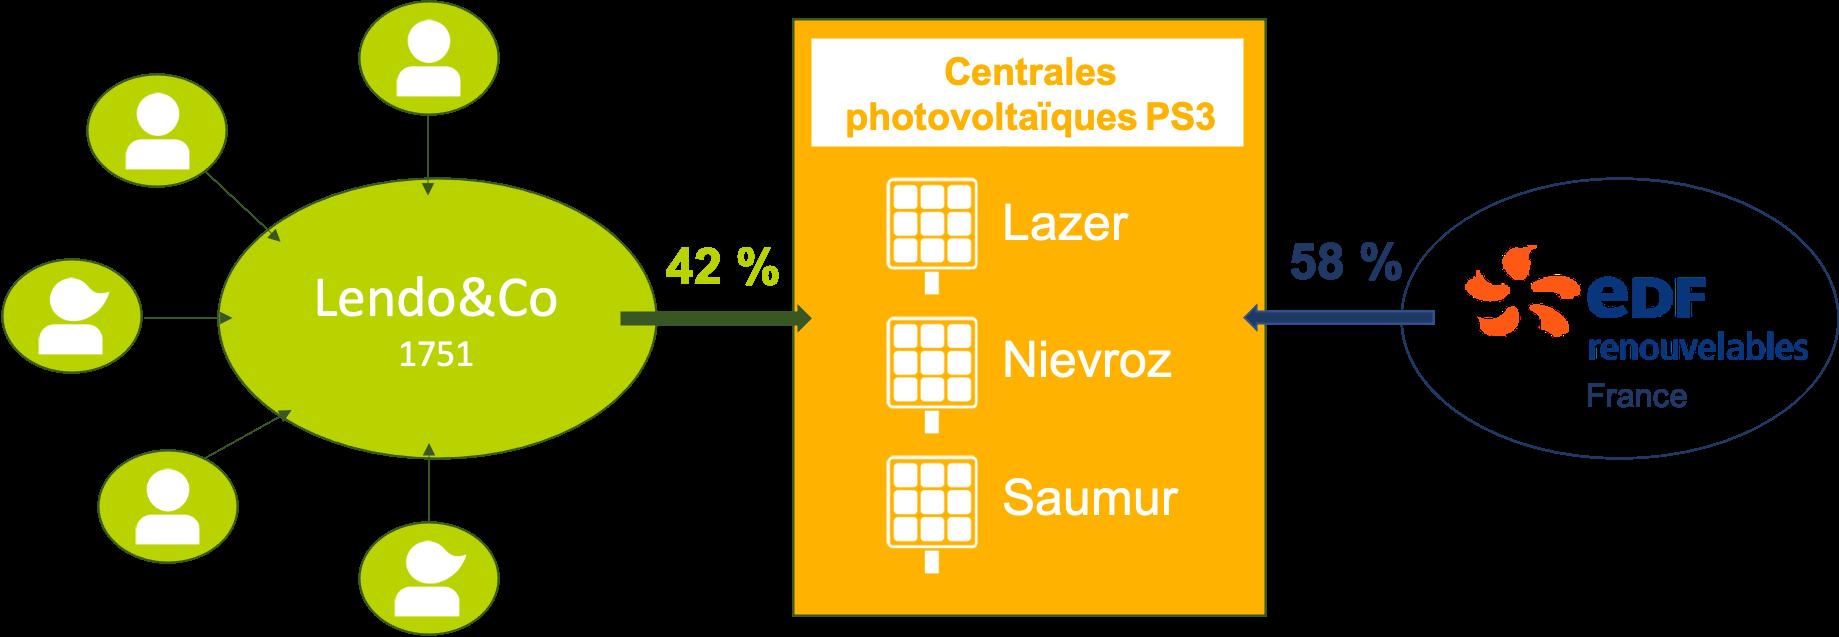 schema_participation en capital lazer